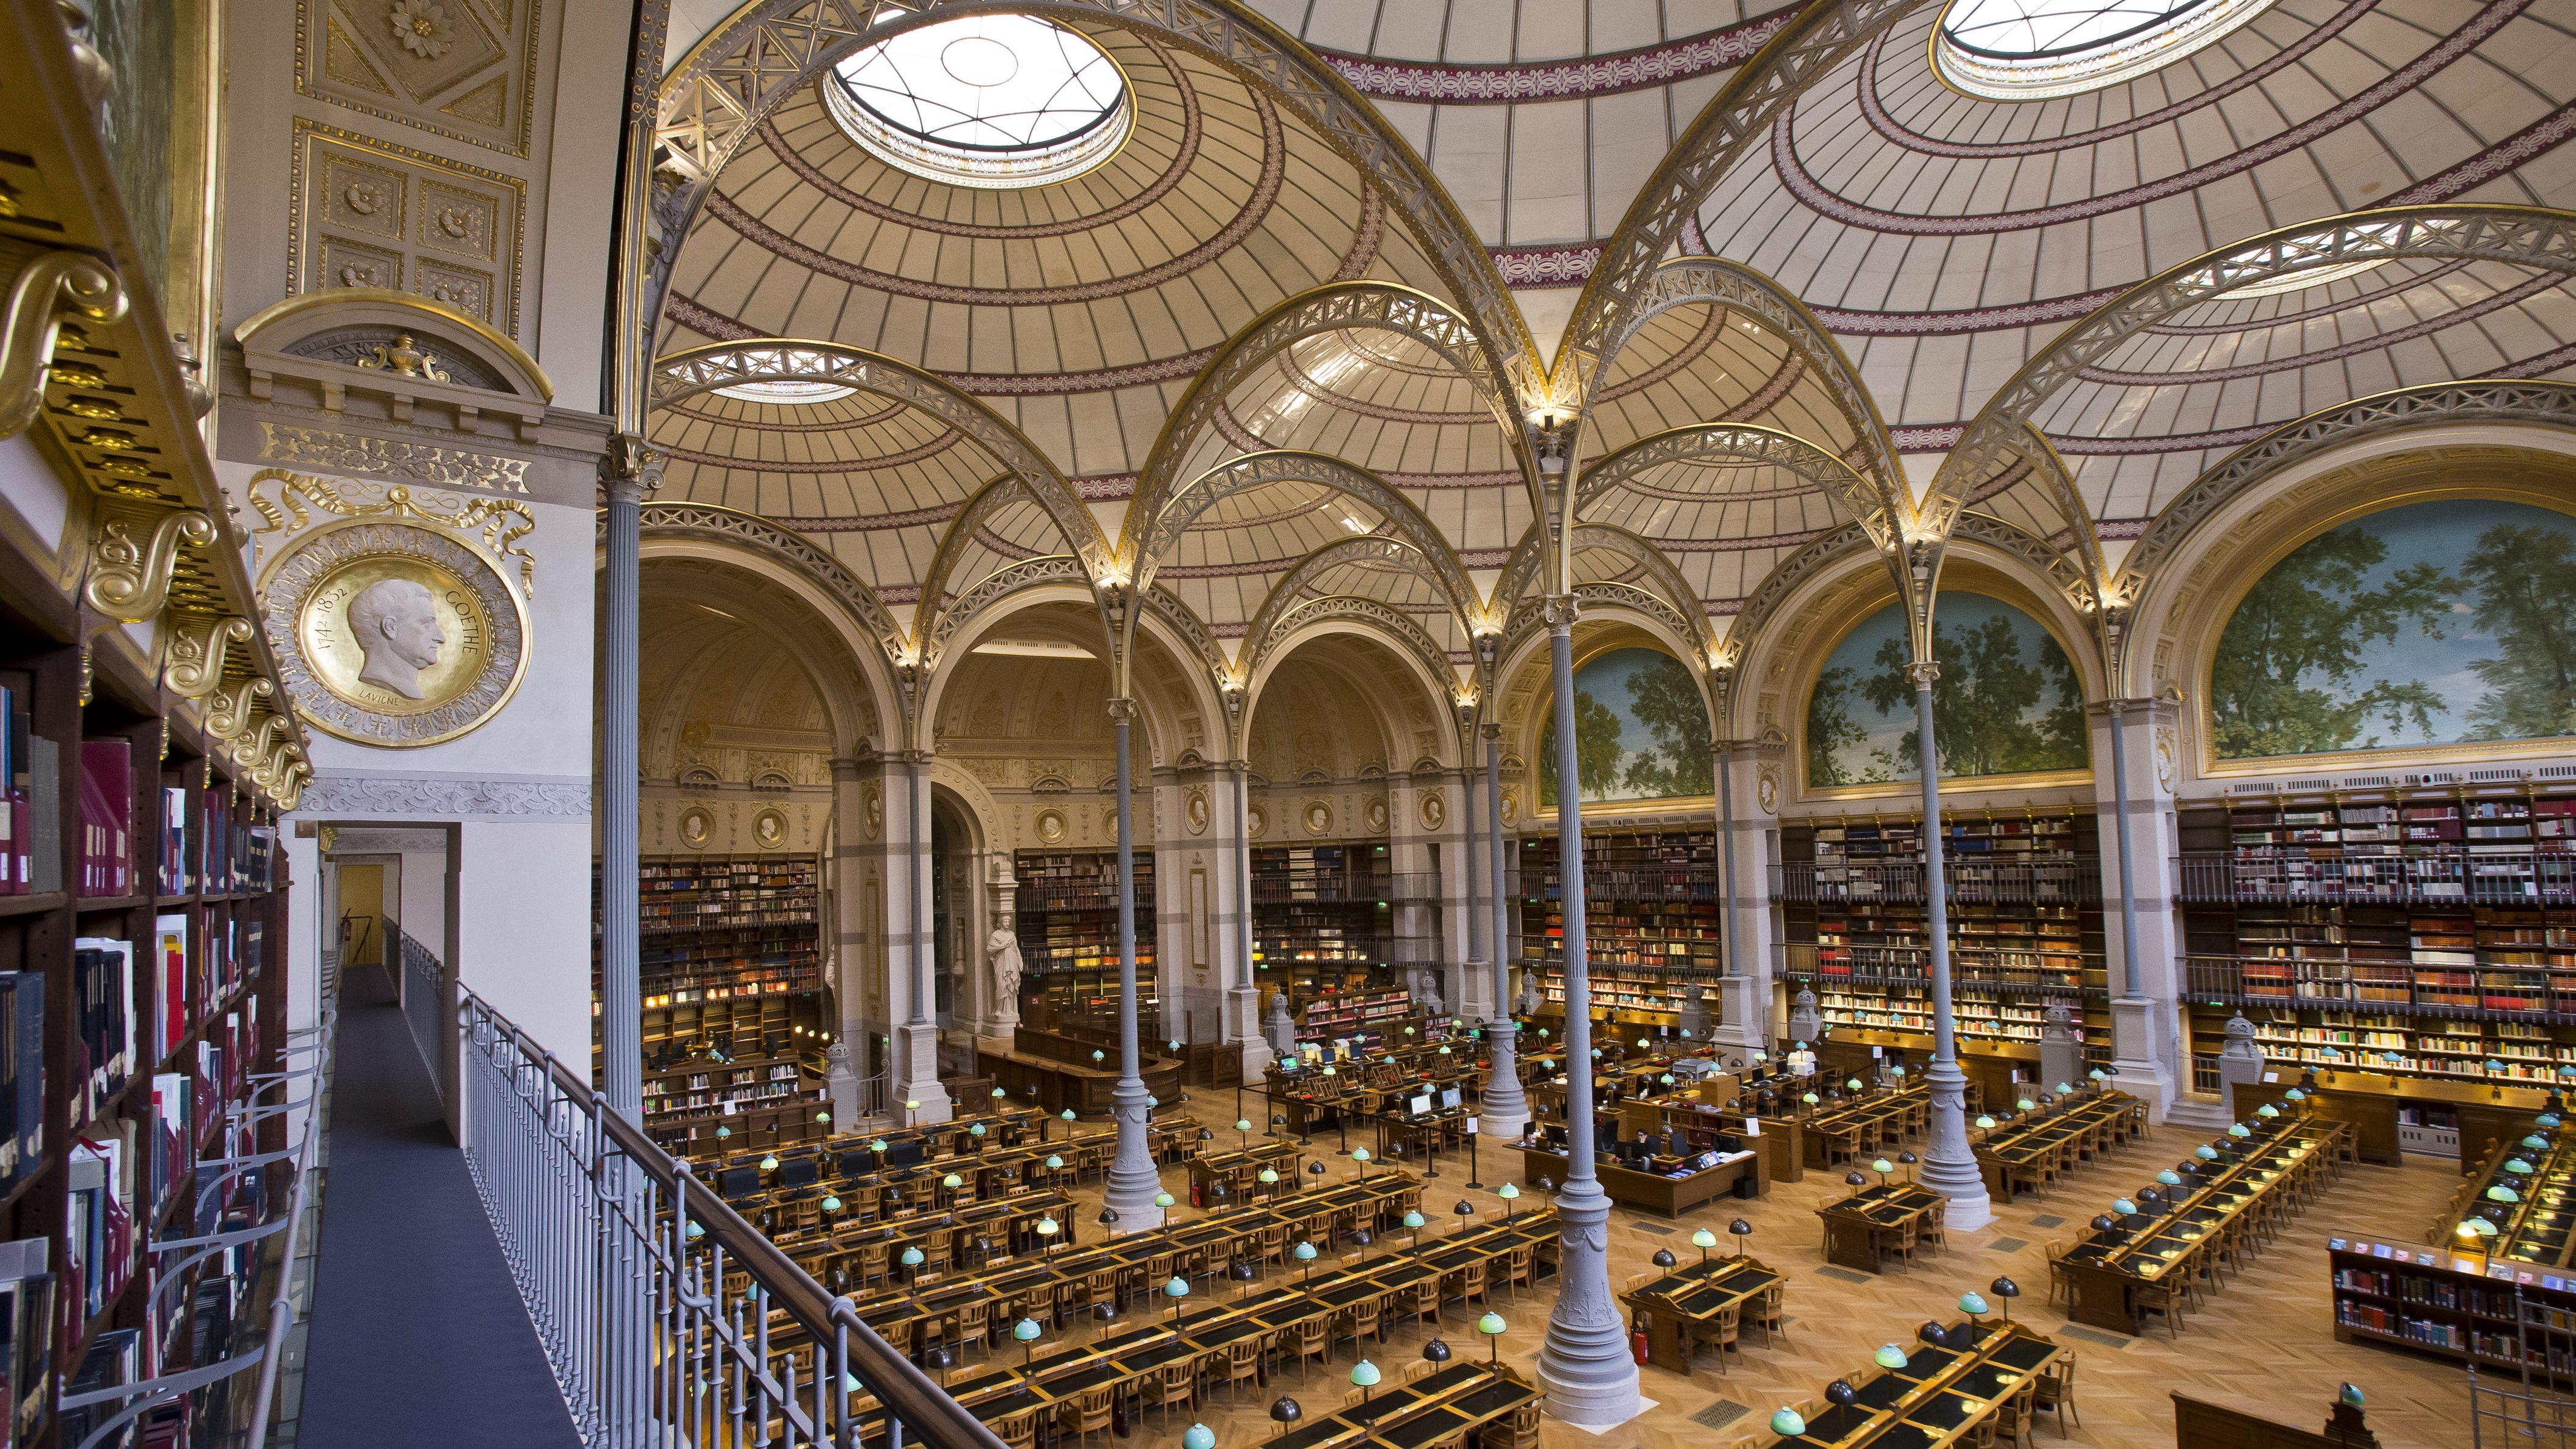 национальная библиотека франции внутри фото как